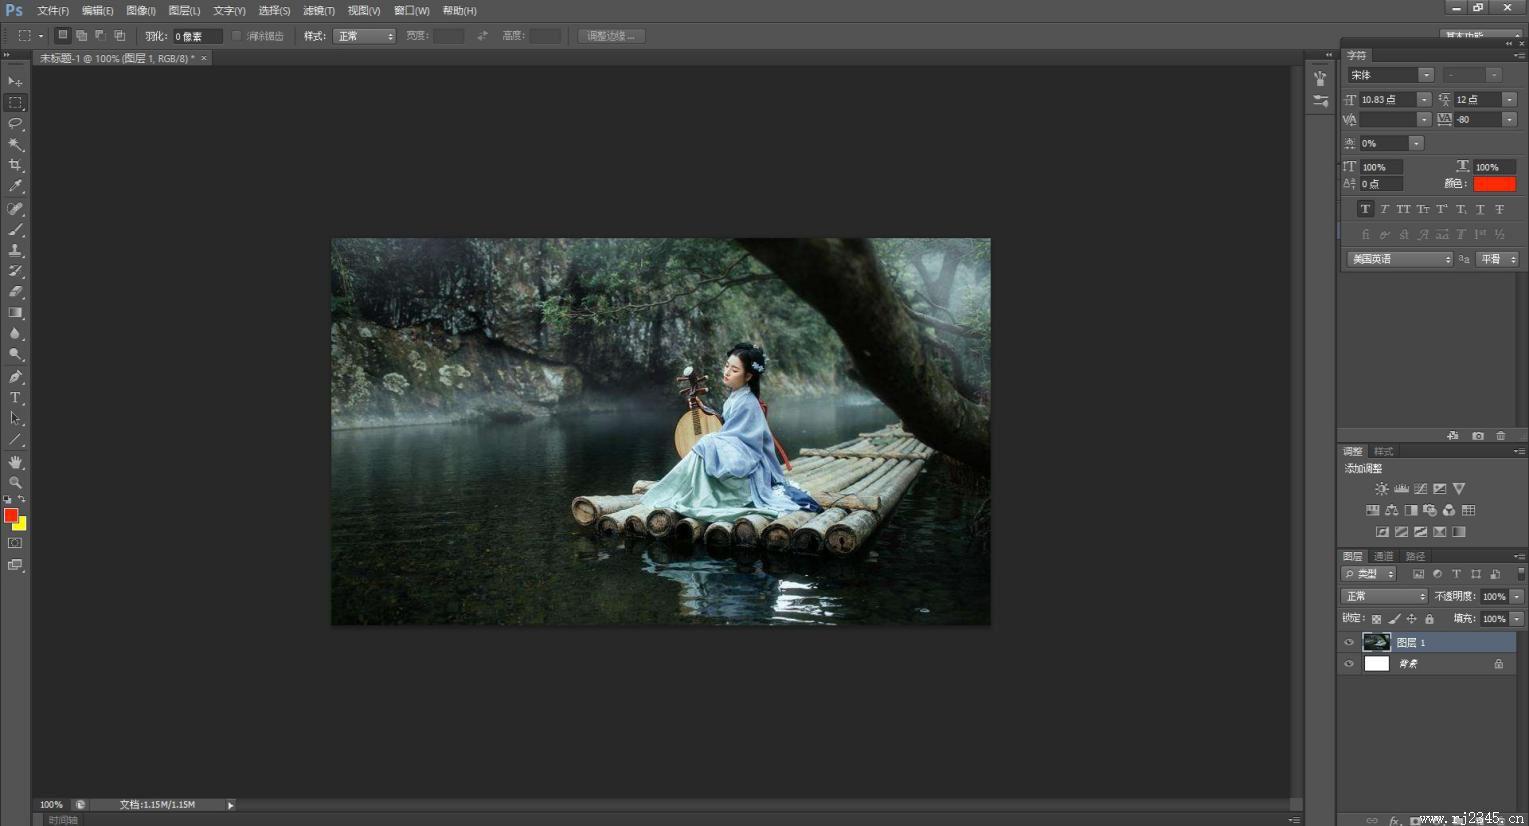 如何正确使用电脑软件Photoshop调整照片的色彩